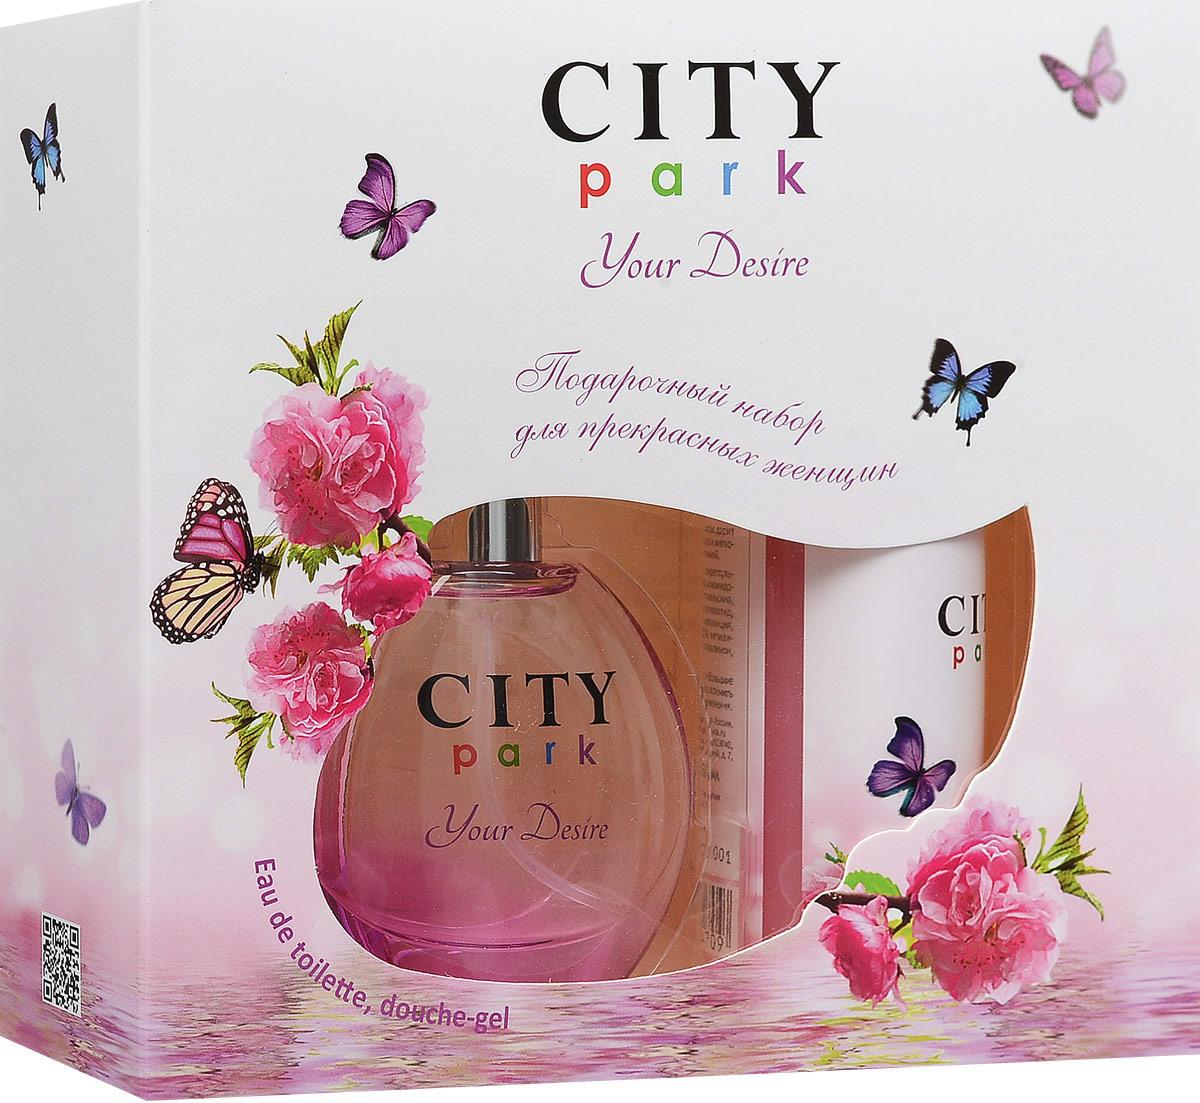 City ParfumПарфюмированный набор:  City Park Your Desire Туалетная вода, 50 мл + Гель для душа, 150 мл City Parfum